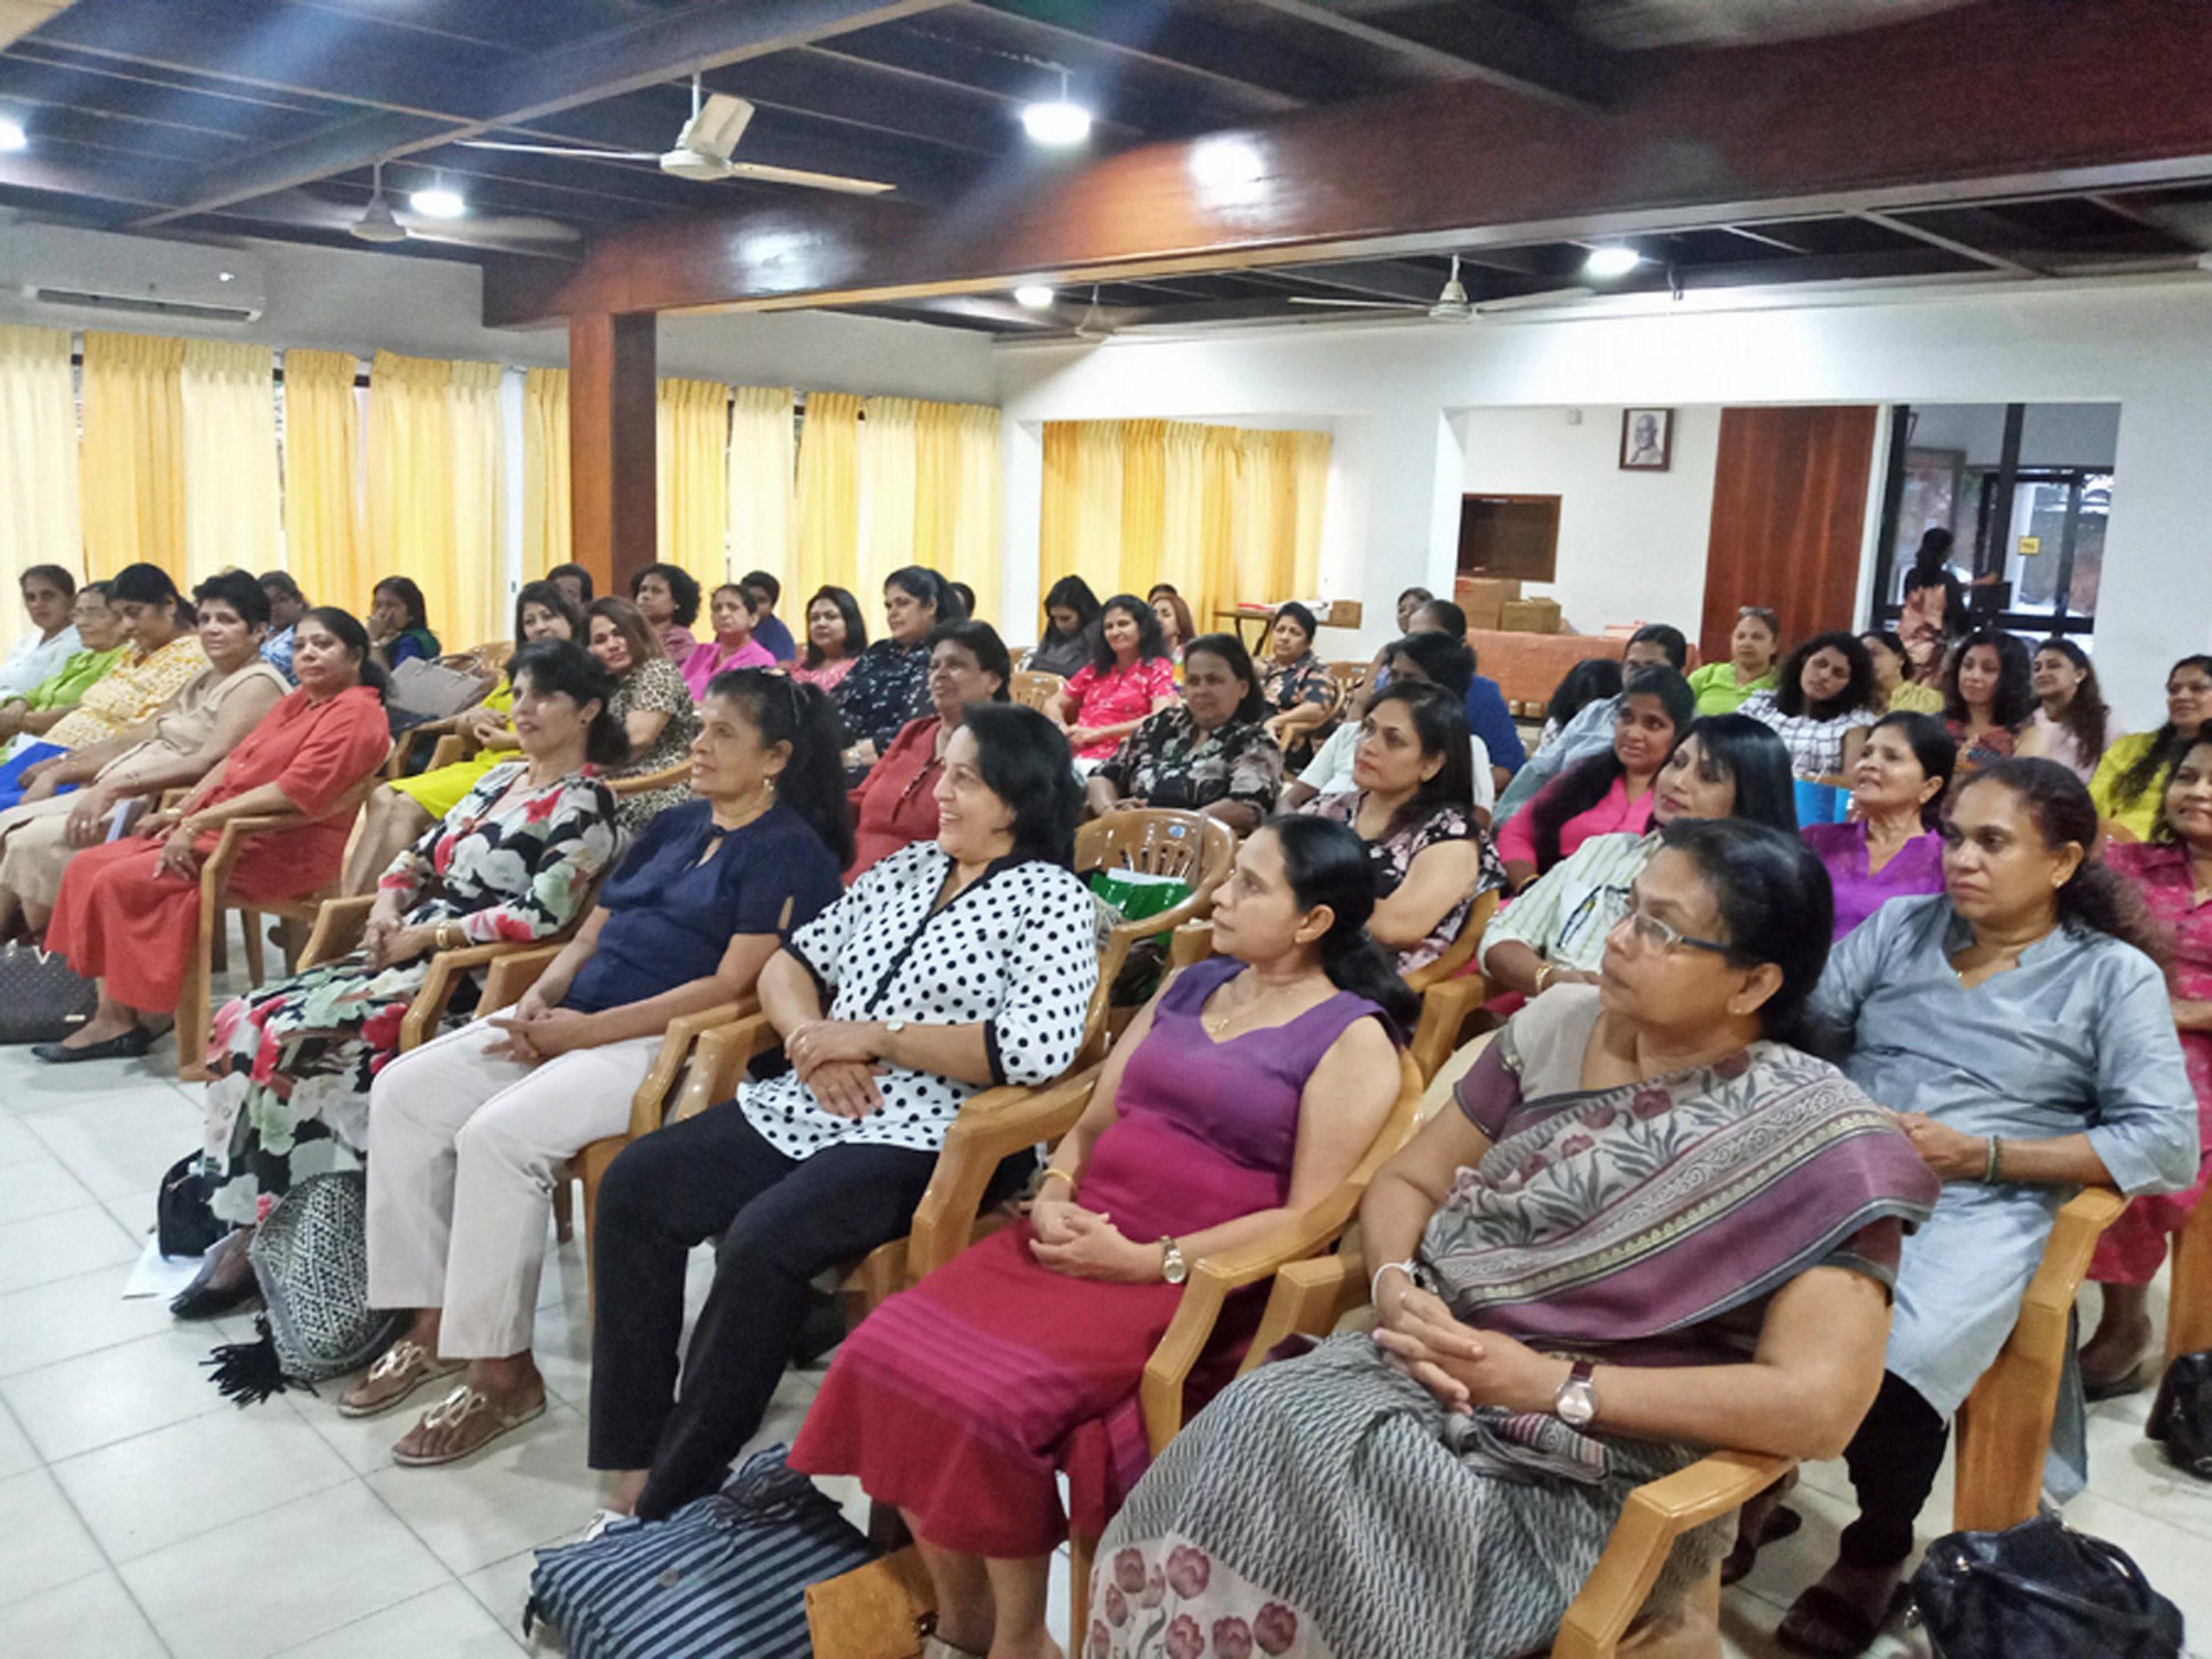 Sati Pasala Program at the Lions Activities Center, Rajagiriya